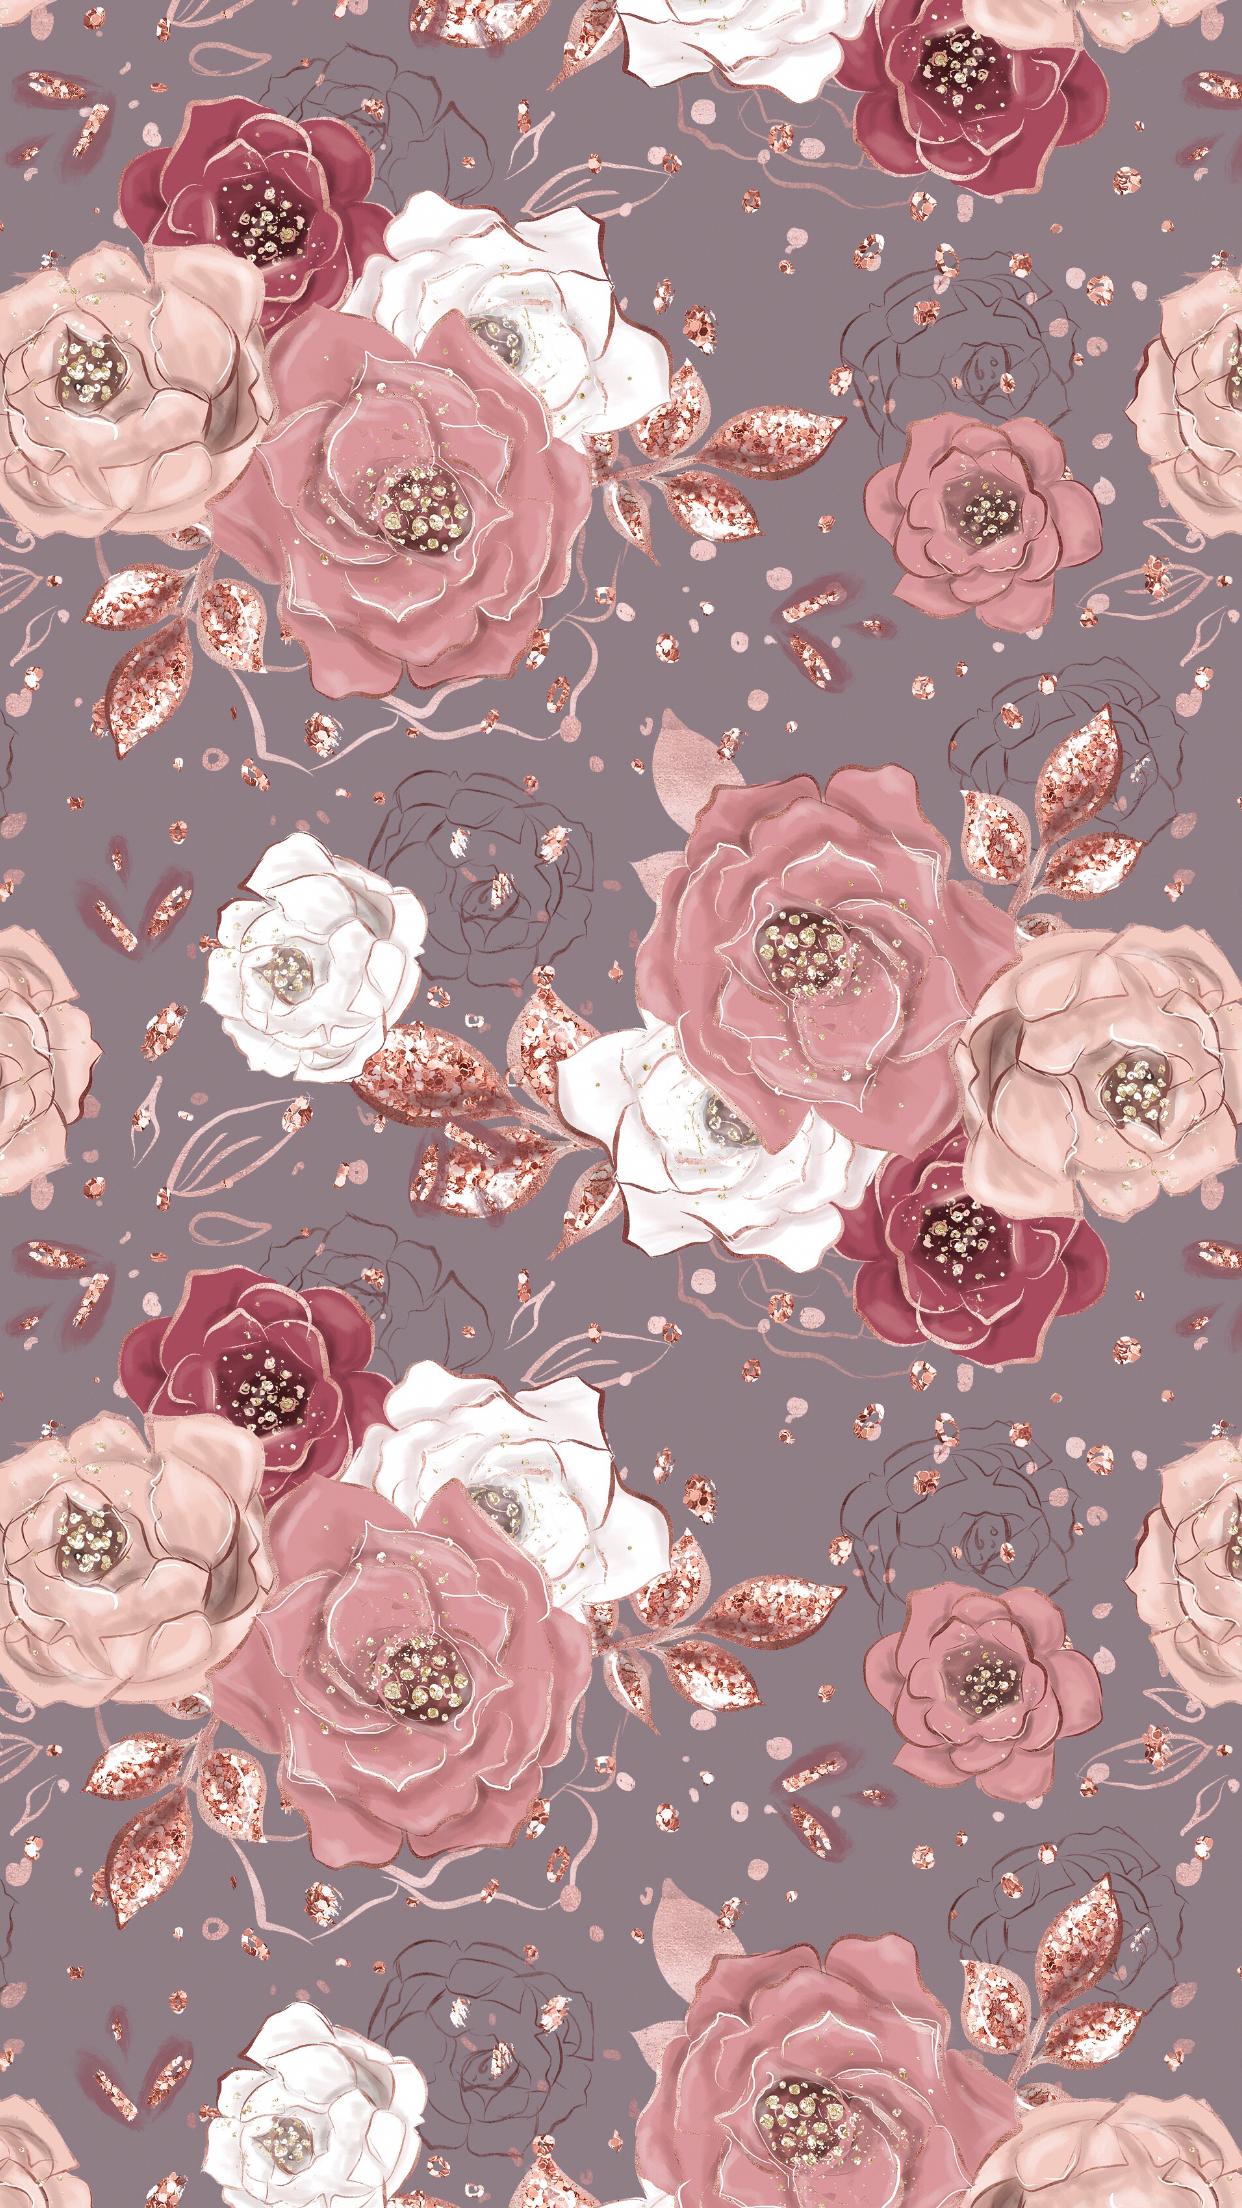 Wallpaper Iphone Flowerswallpaperiphone Flower Wallpaper Pretty Wallpapers Rose Gold Wallpaper